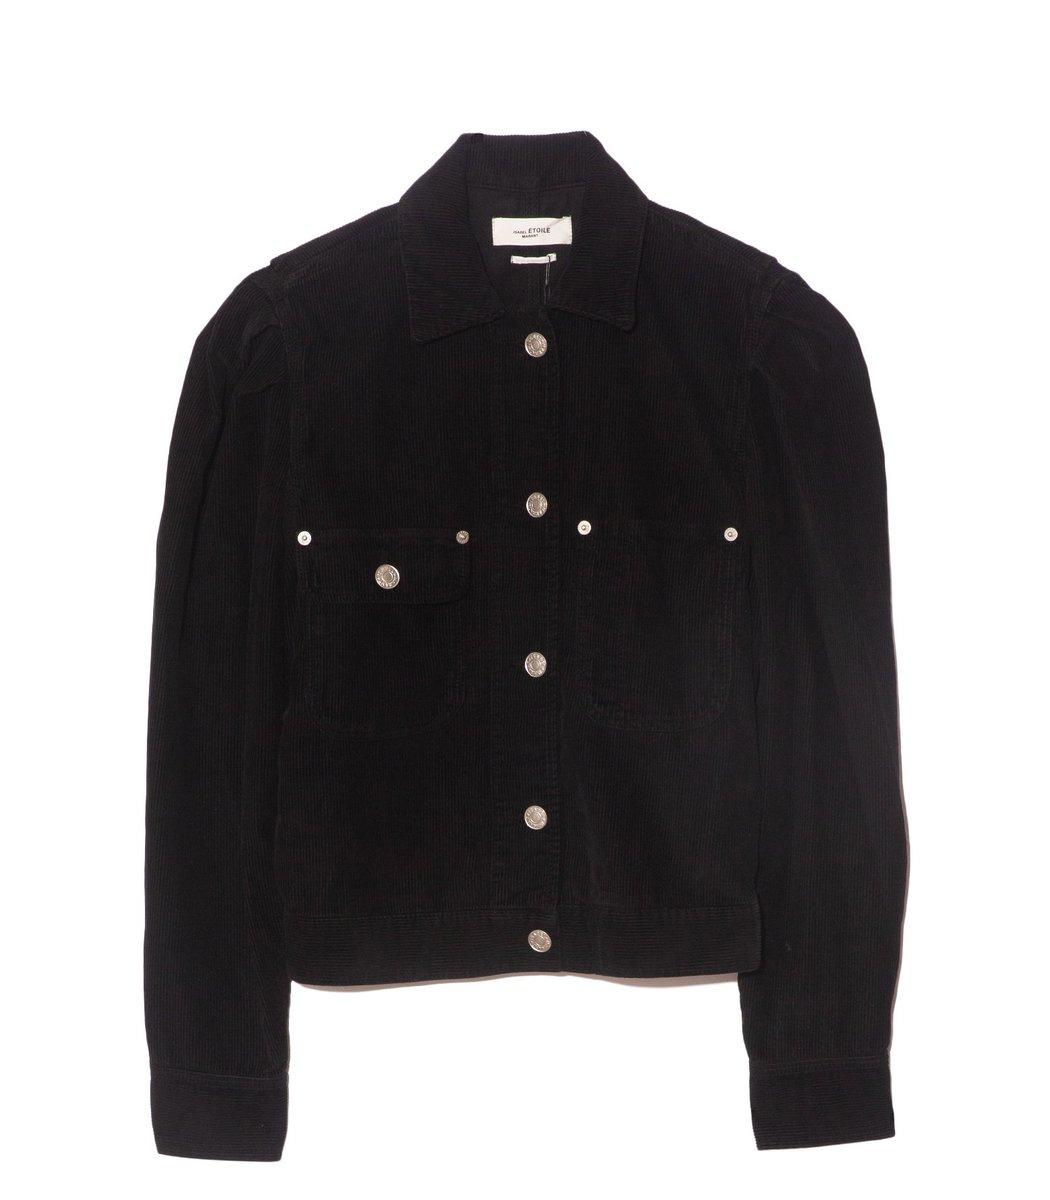 ETOILE ISABEL MARANT Jolanav Jacket in Faded Black